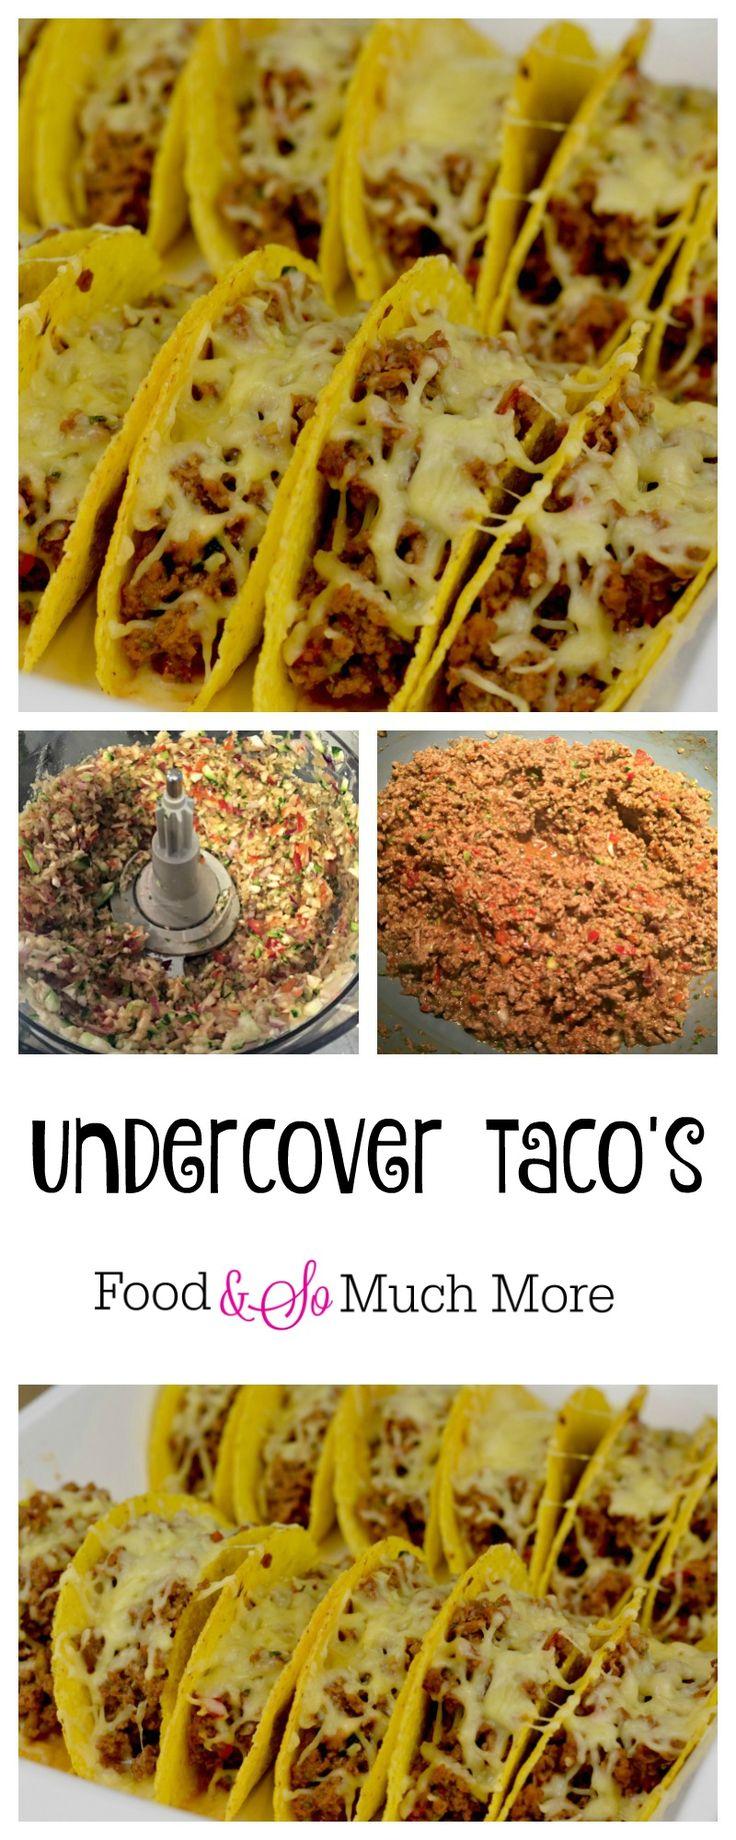 Heerlijke undercover Taco's boordevol groente waar je kids dol op zullen zijn. En jij zelf ook! Recept van foodensomuchmore.nl